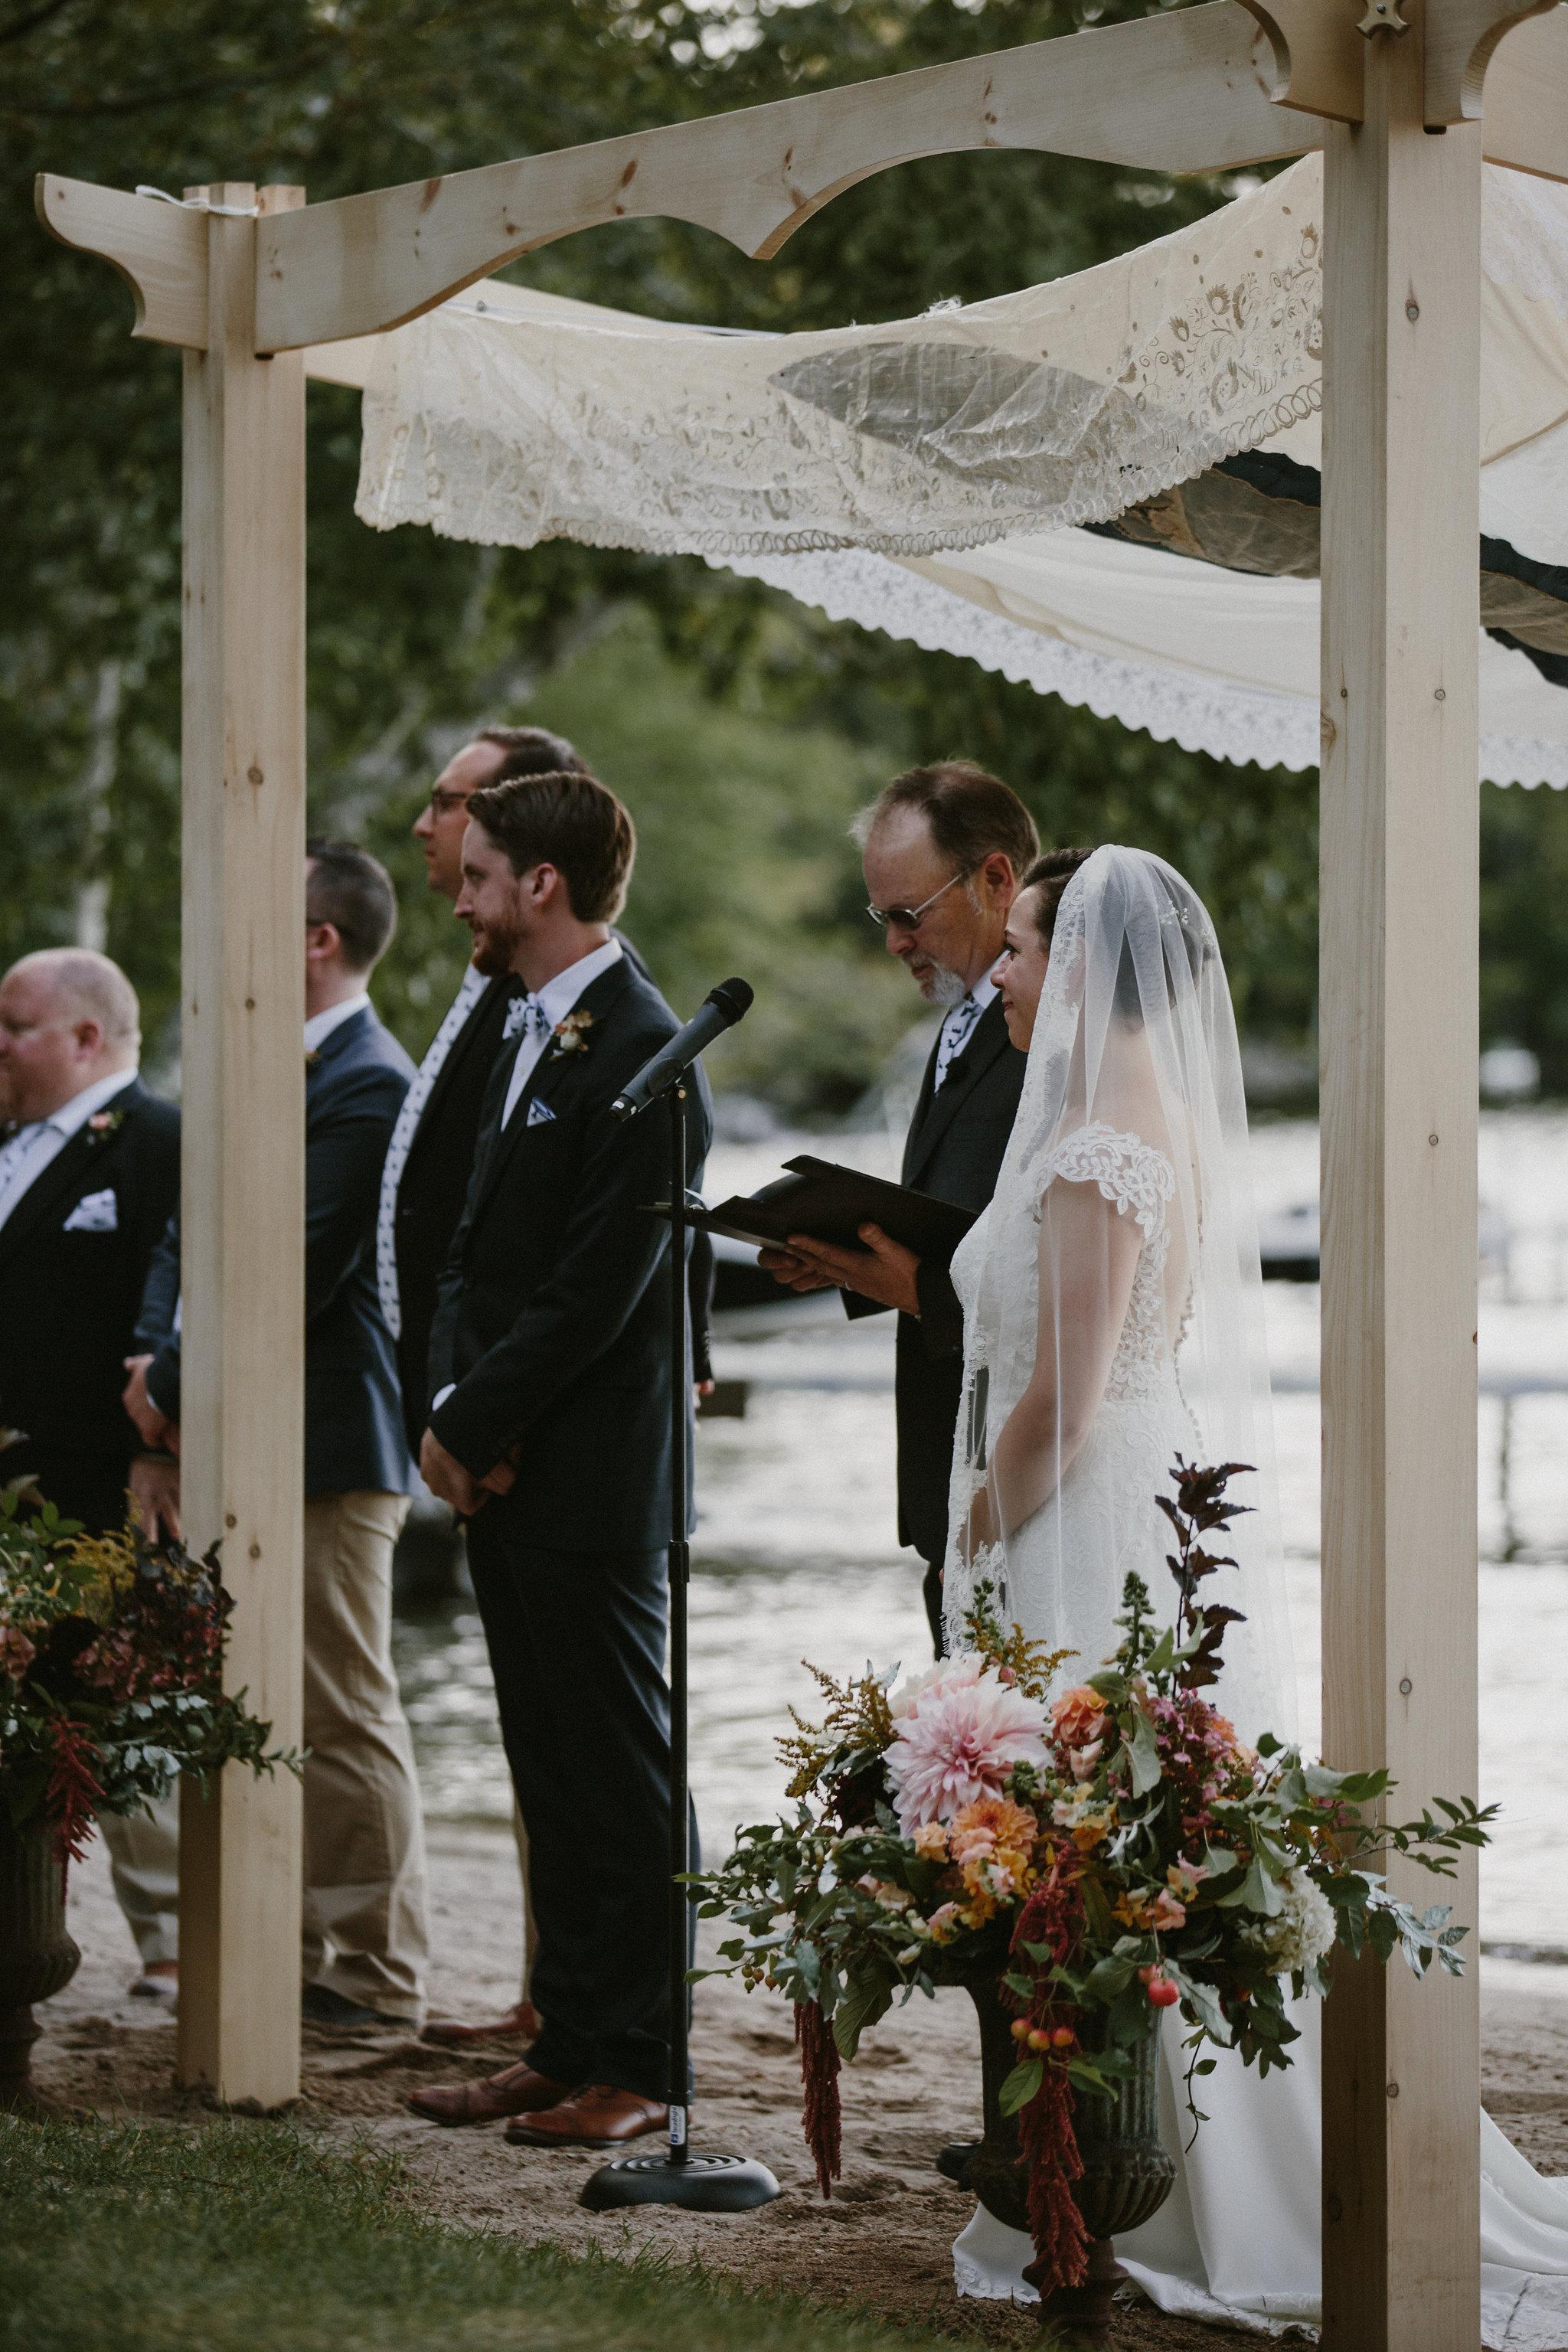 gaddes-jablonowski-wedding-806.jpg